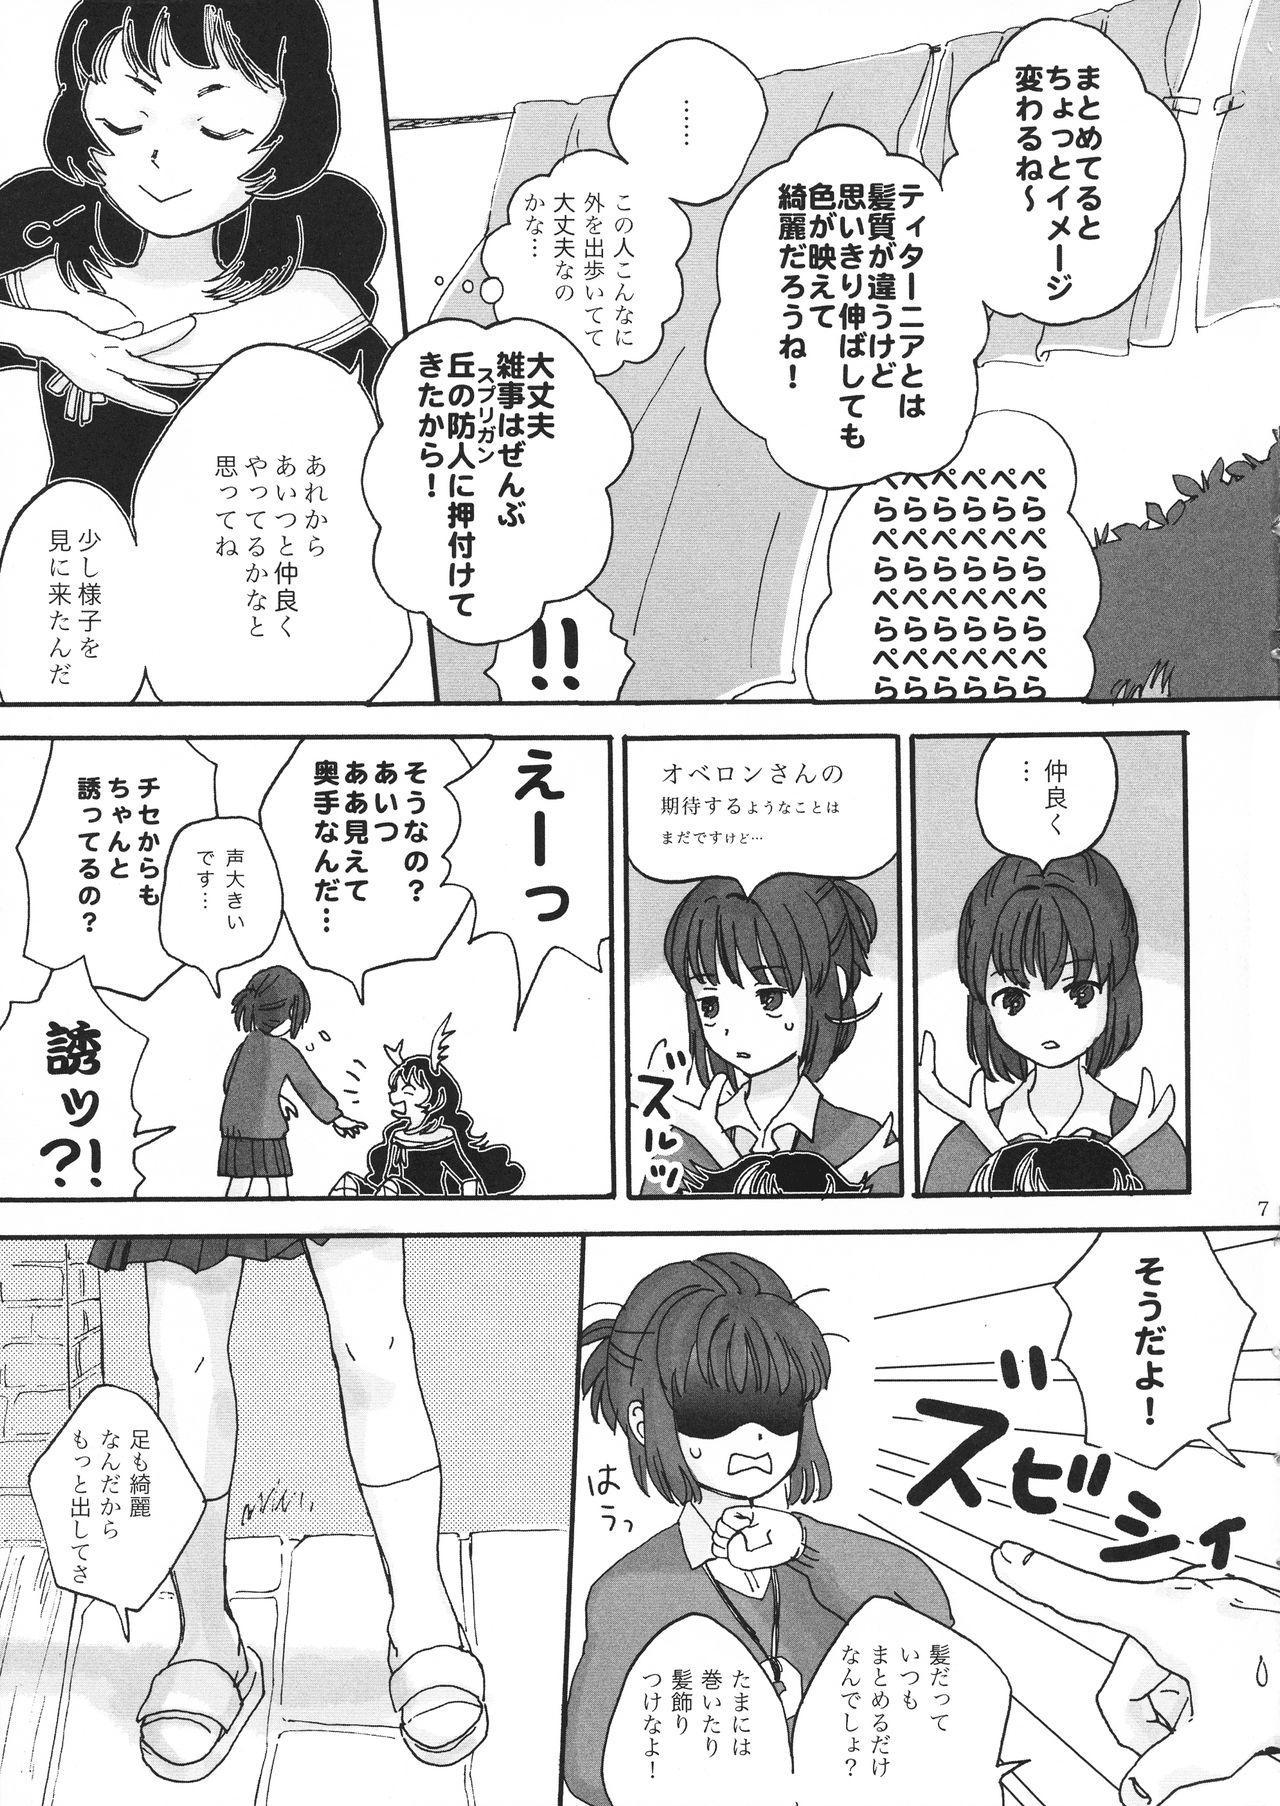 Fuufu Seikatsu no Susume 5